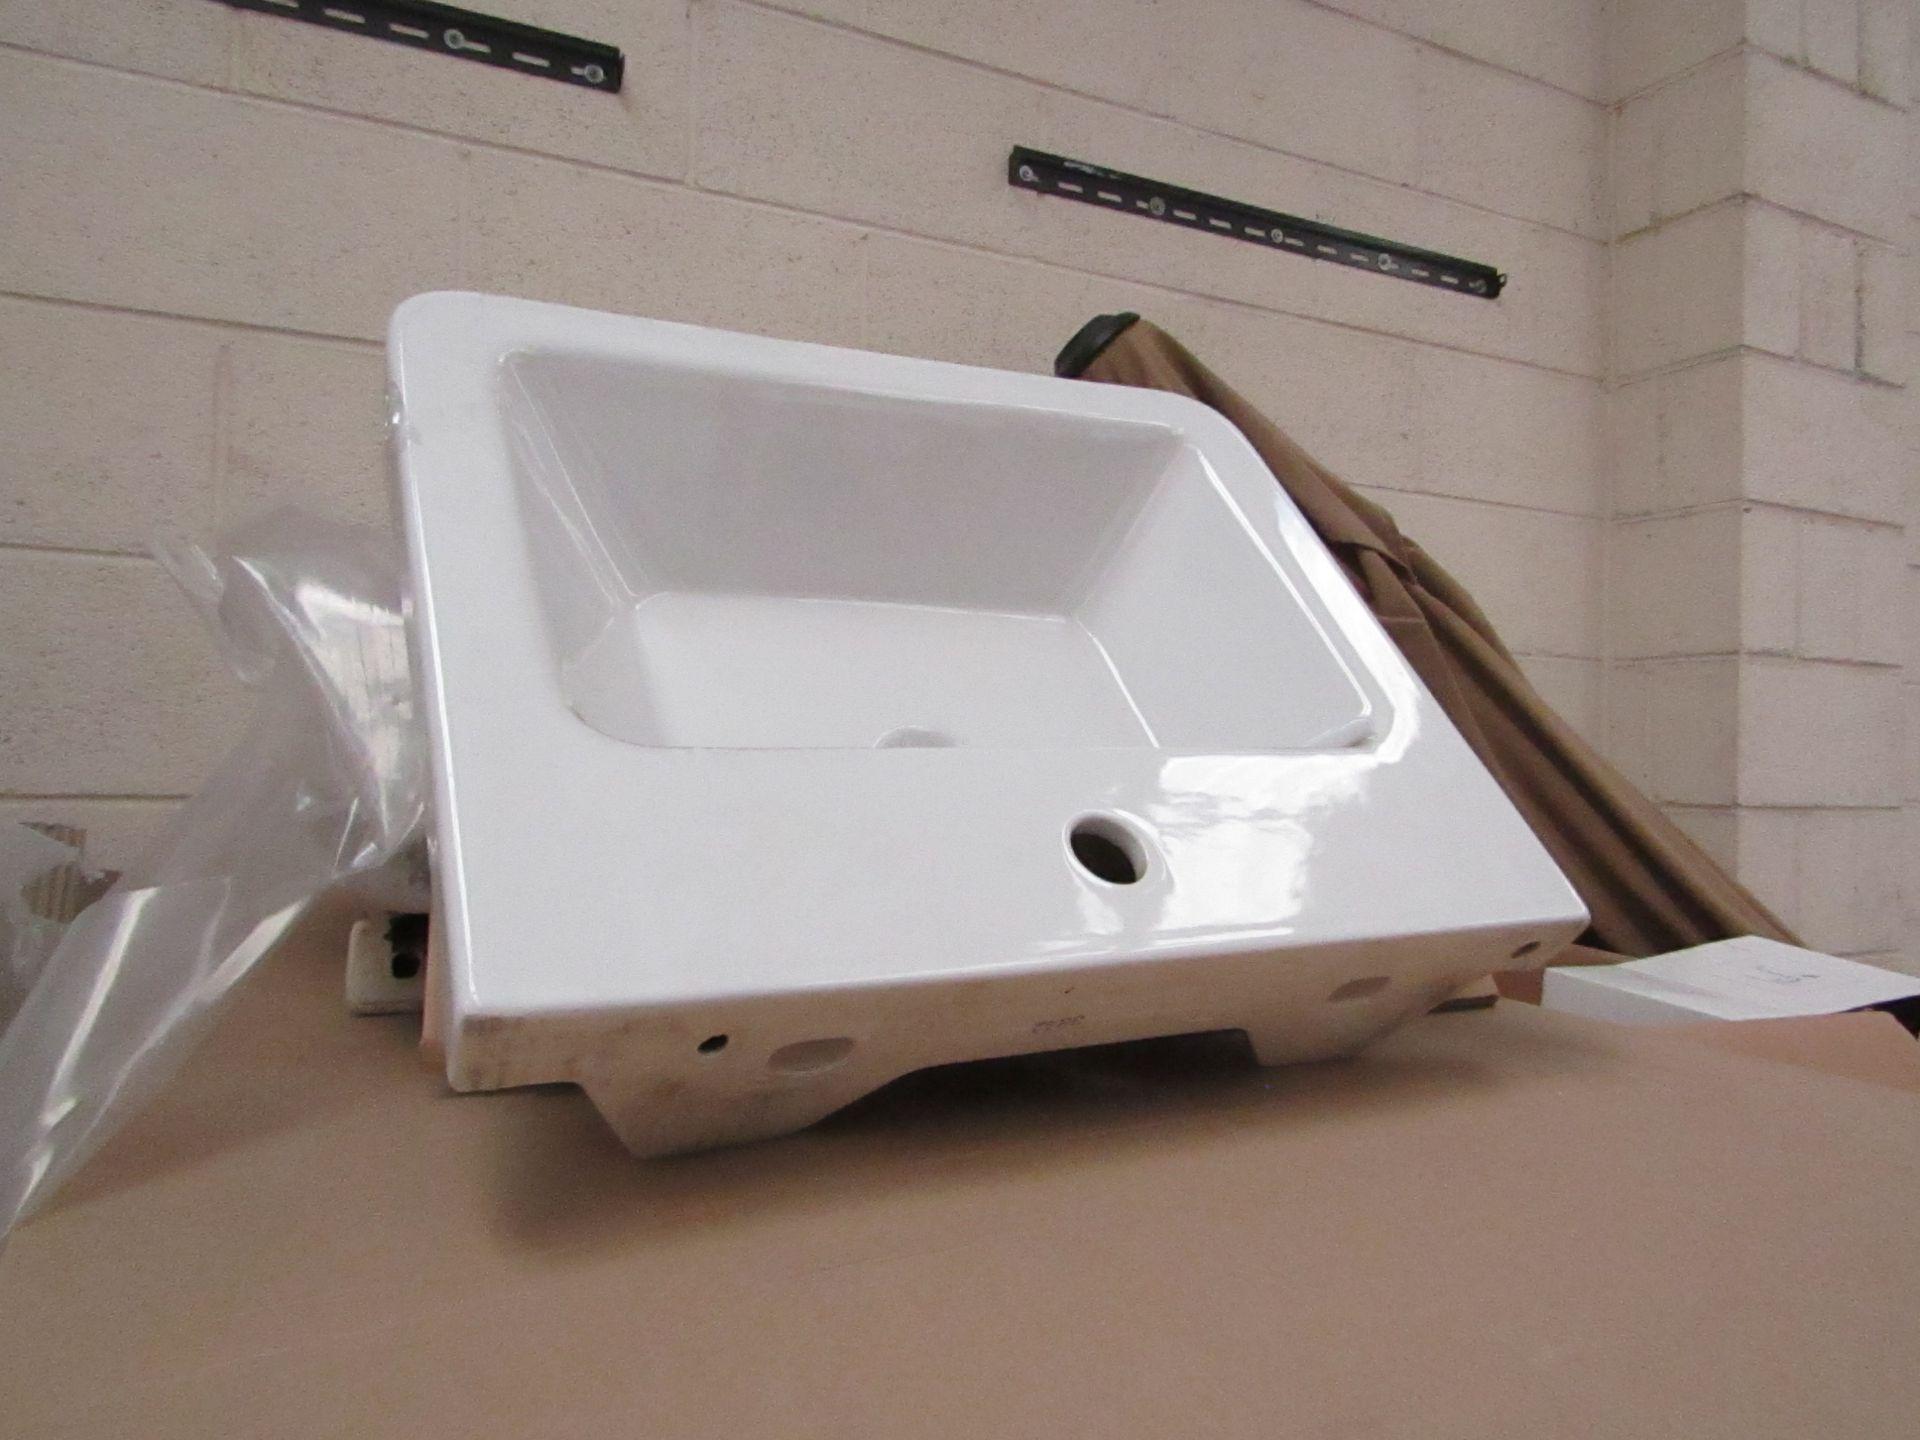 Lotto 15 - Victoria Plum Verso 550mm sink, new